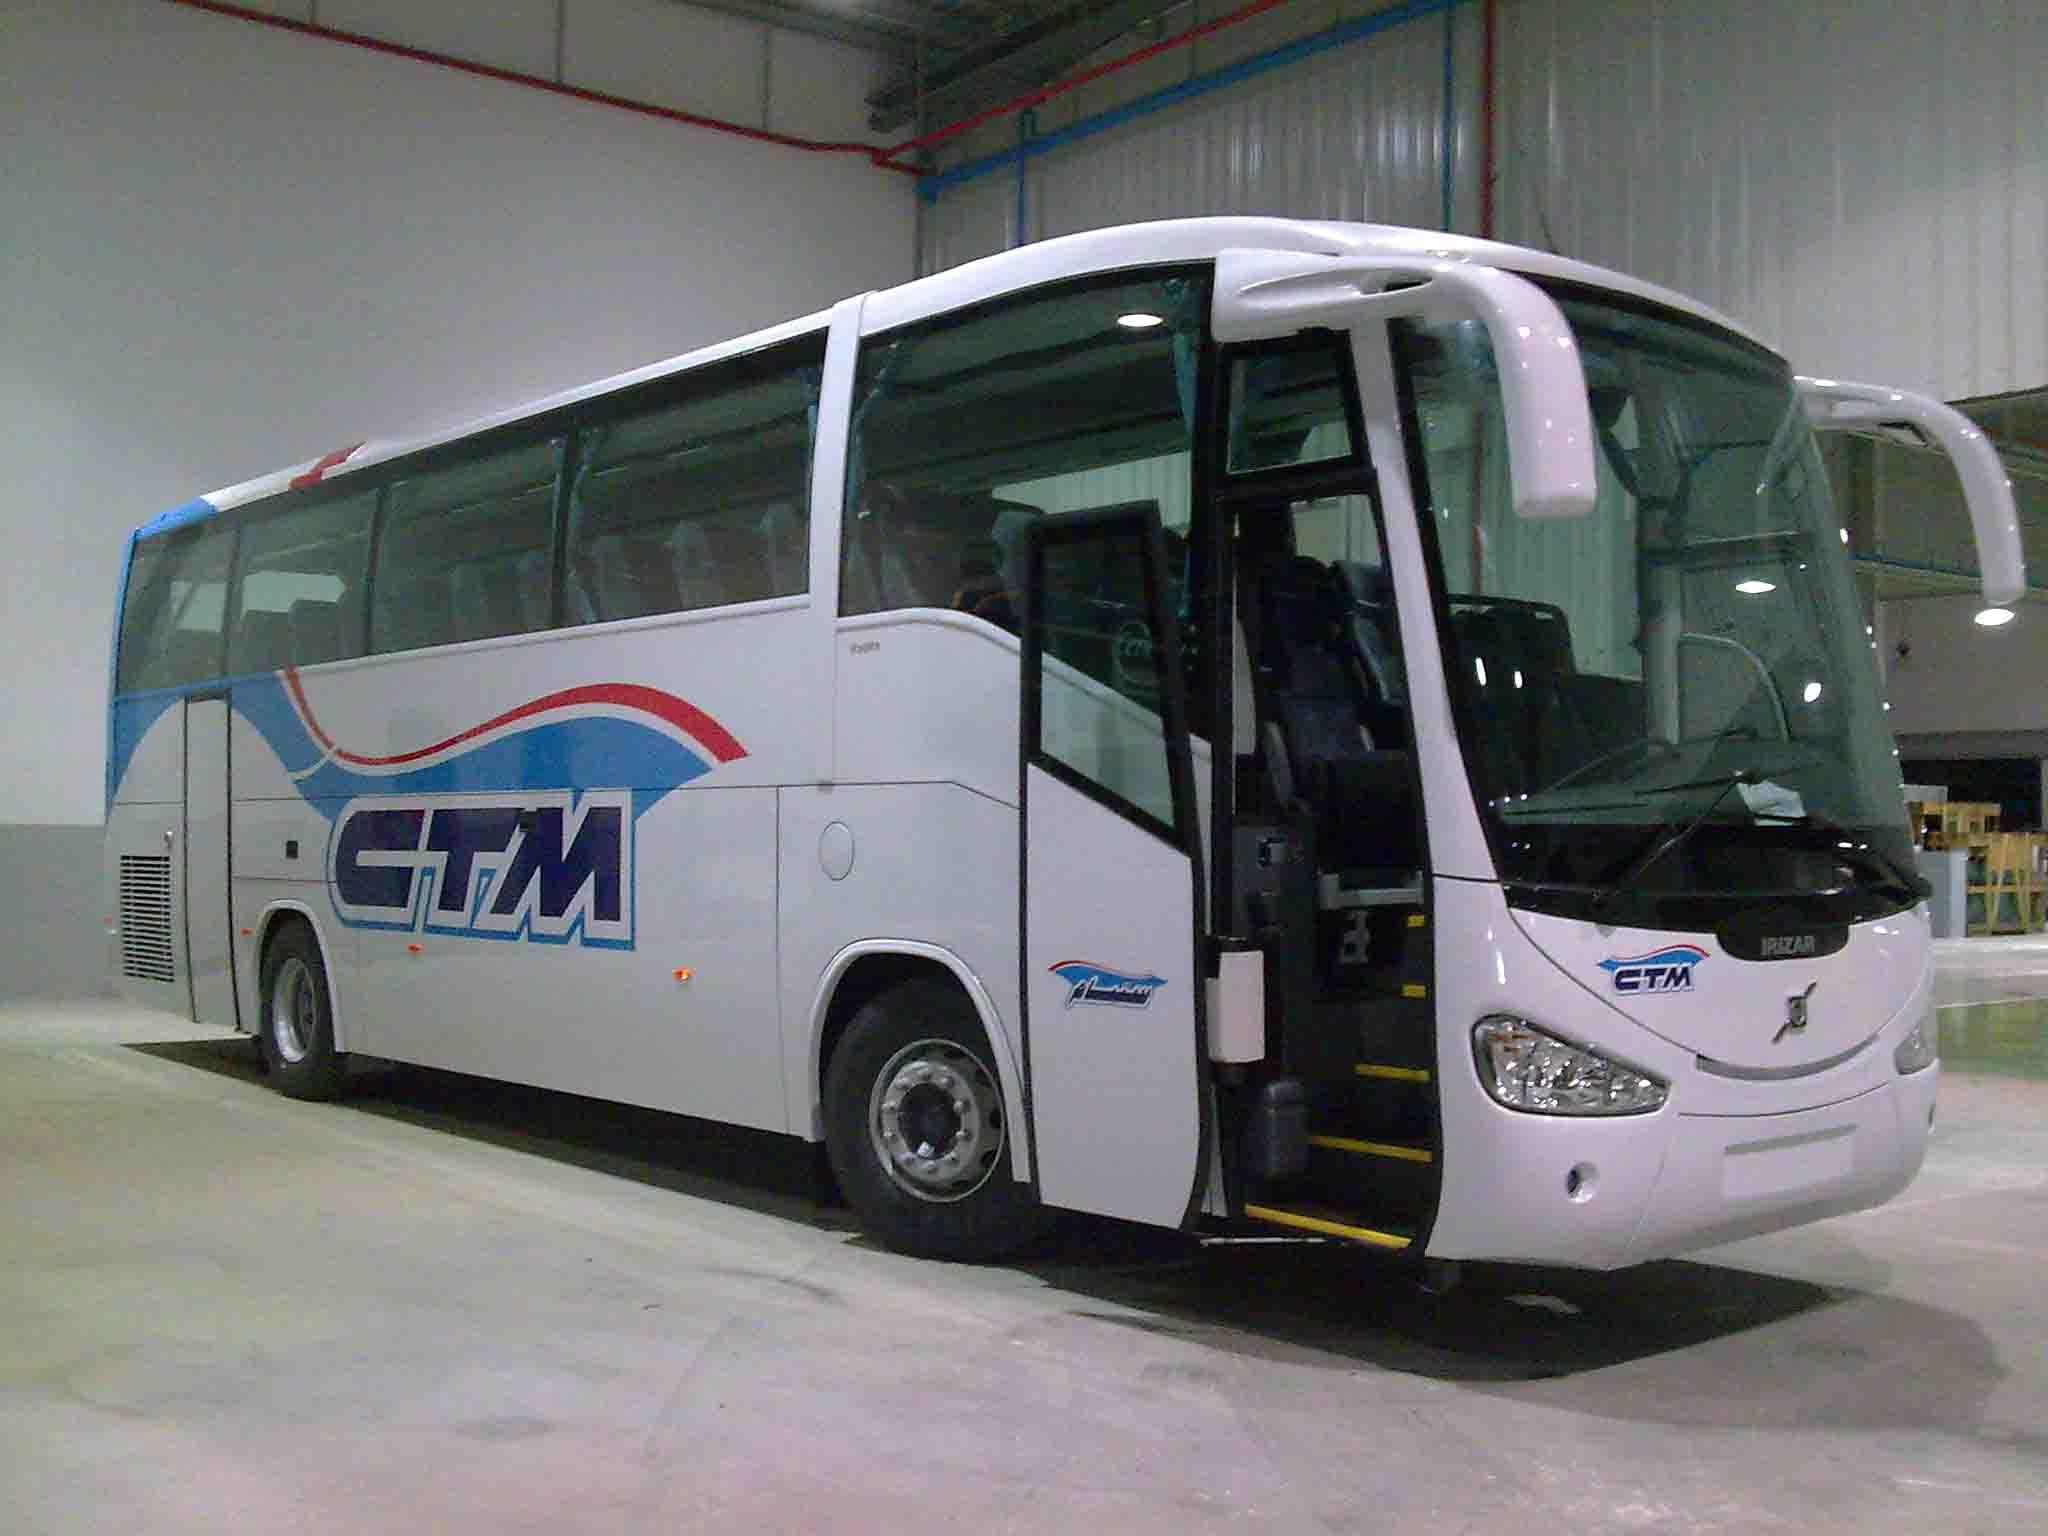 ctm 0.jpg